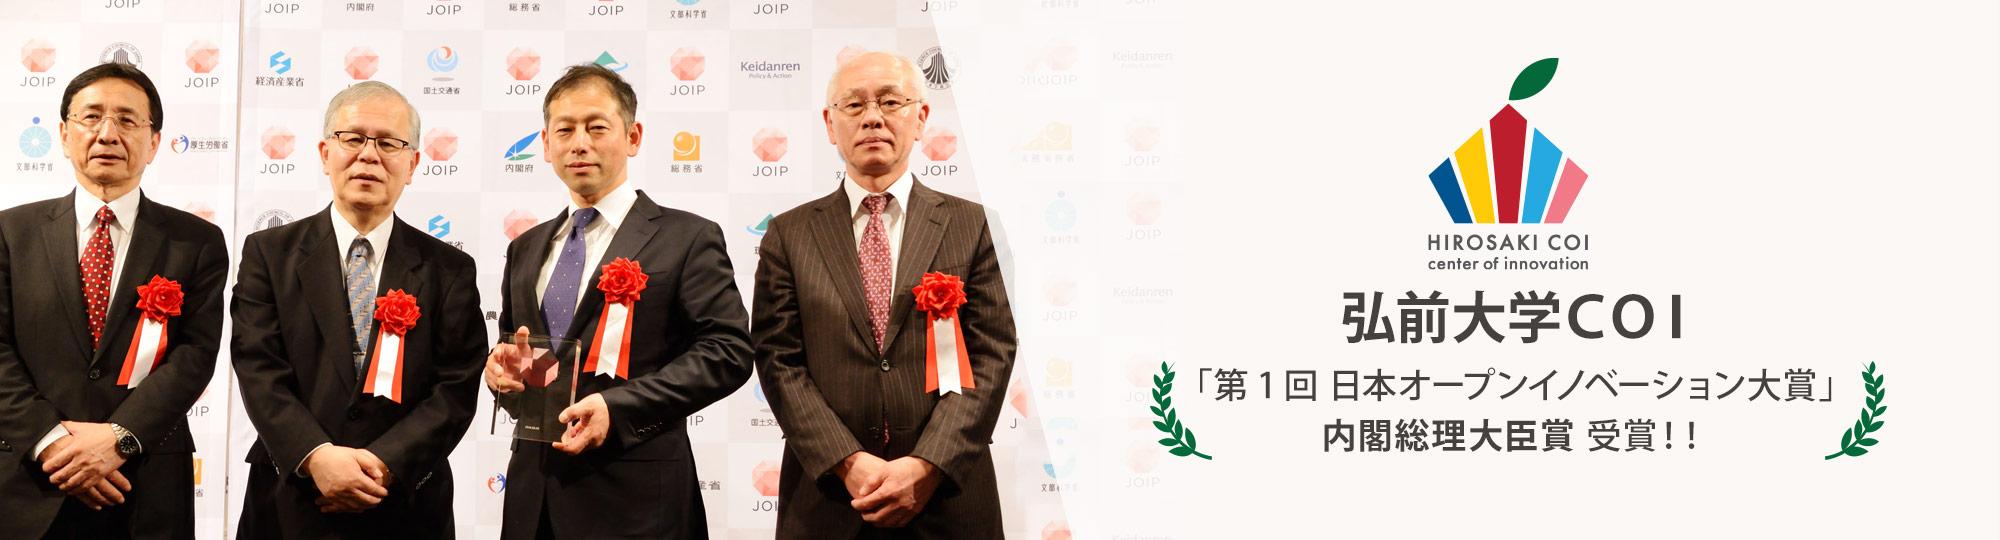 弘前大学COI「第1回 日本オープンイノベーション大賞 内閣総理大臣賞」受賞